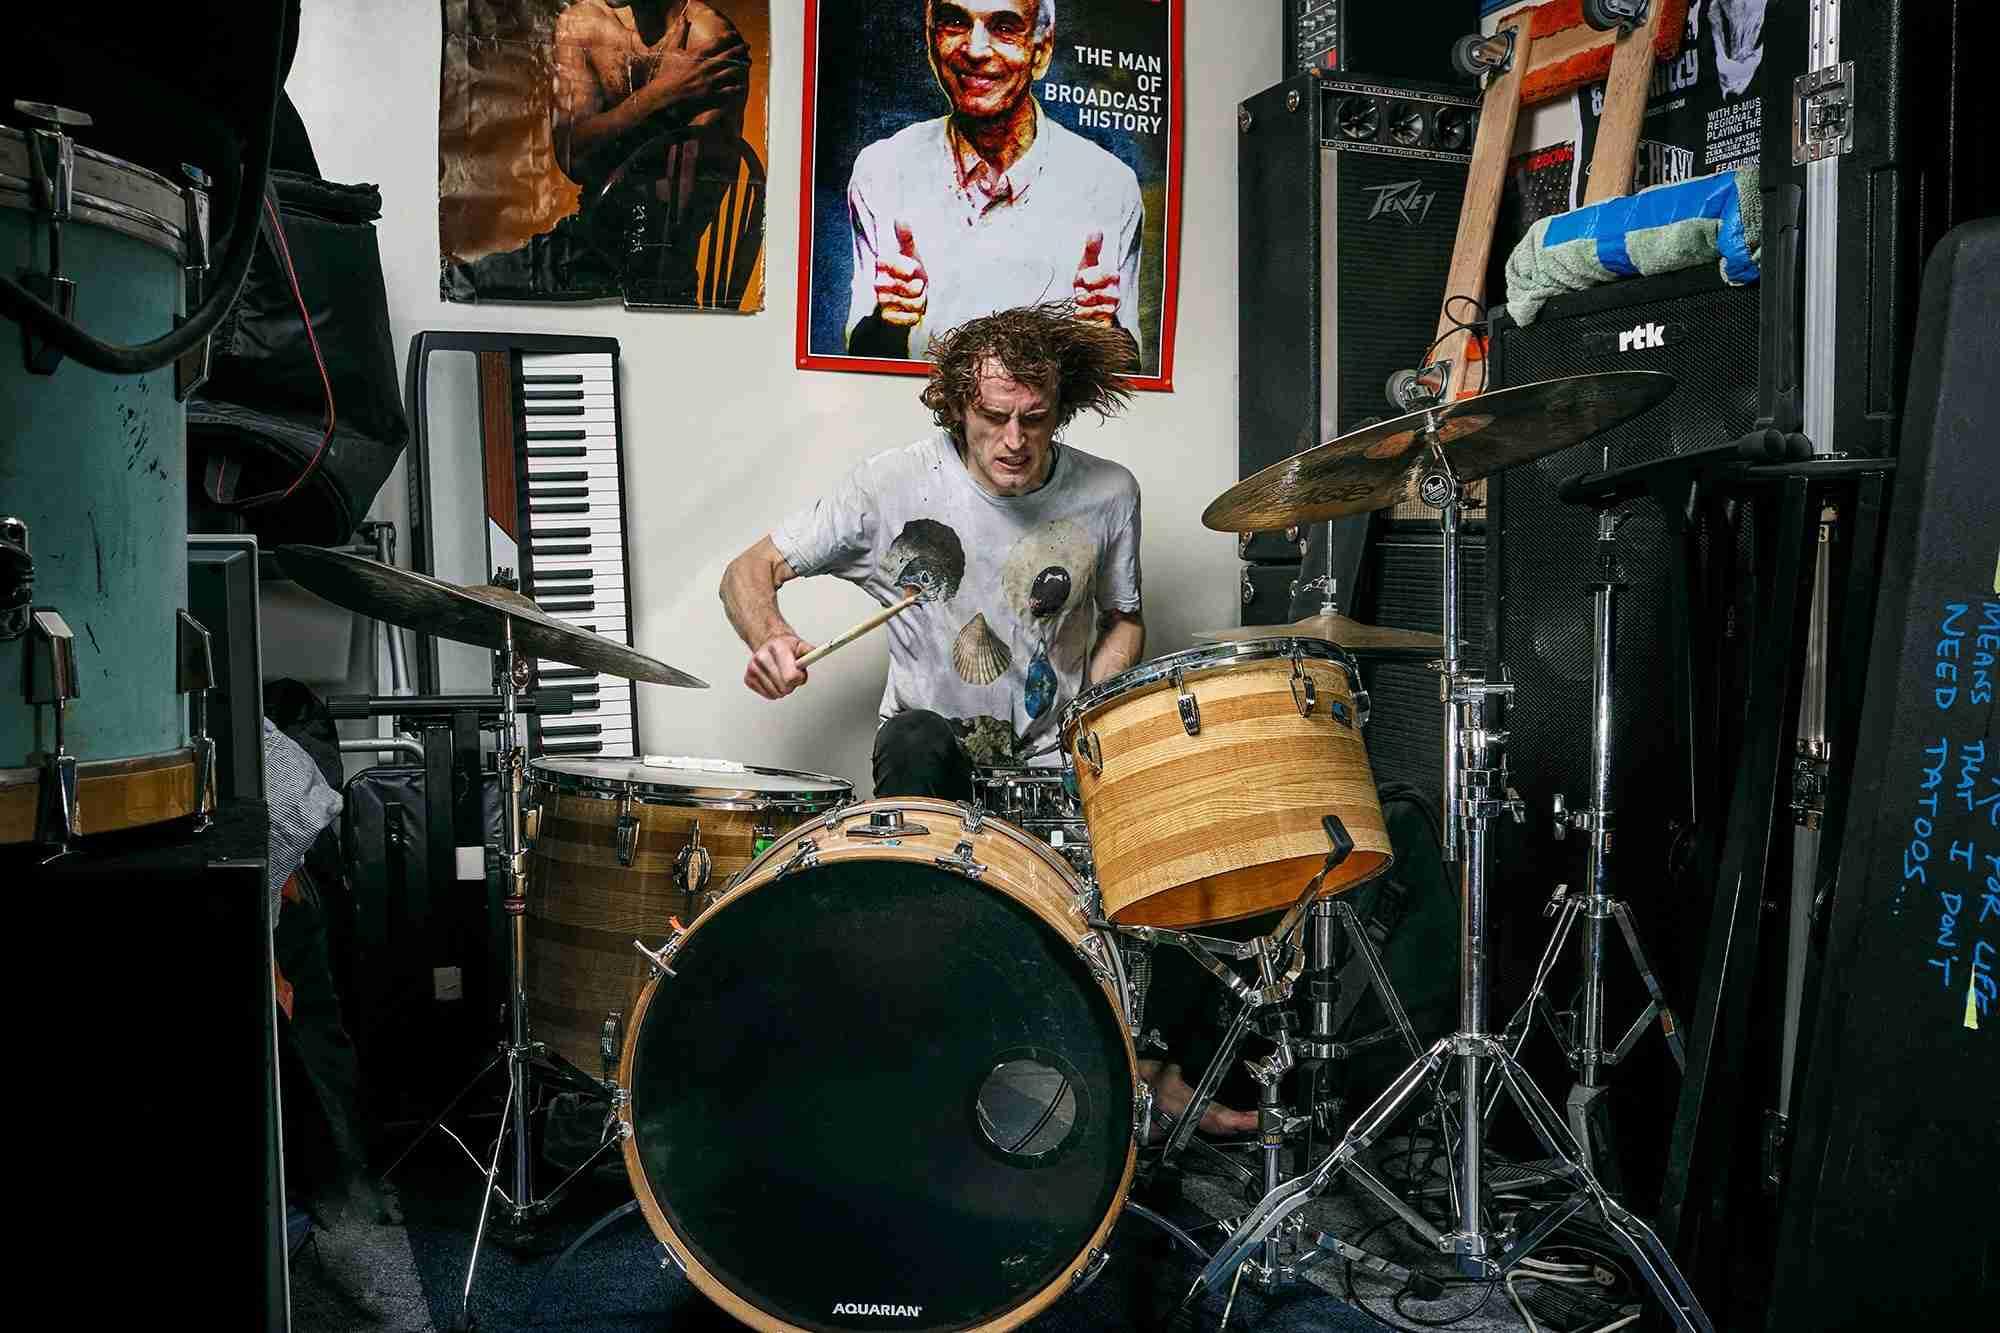 上手いと思うドラム奏者は?